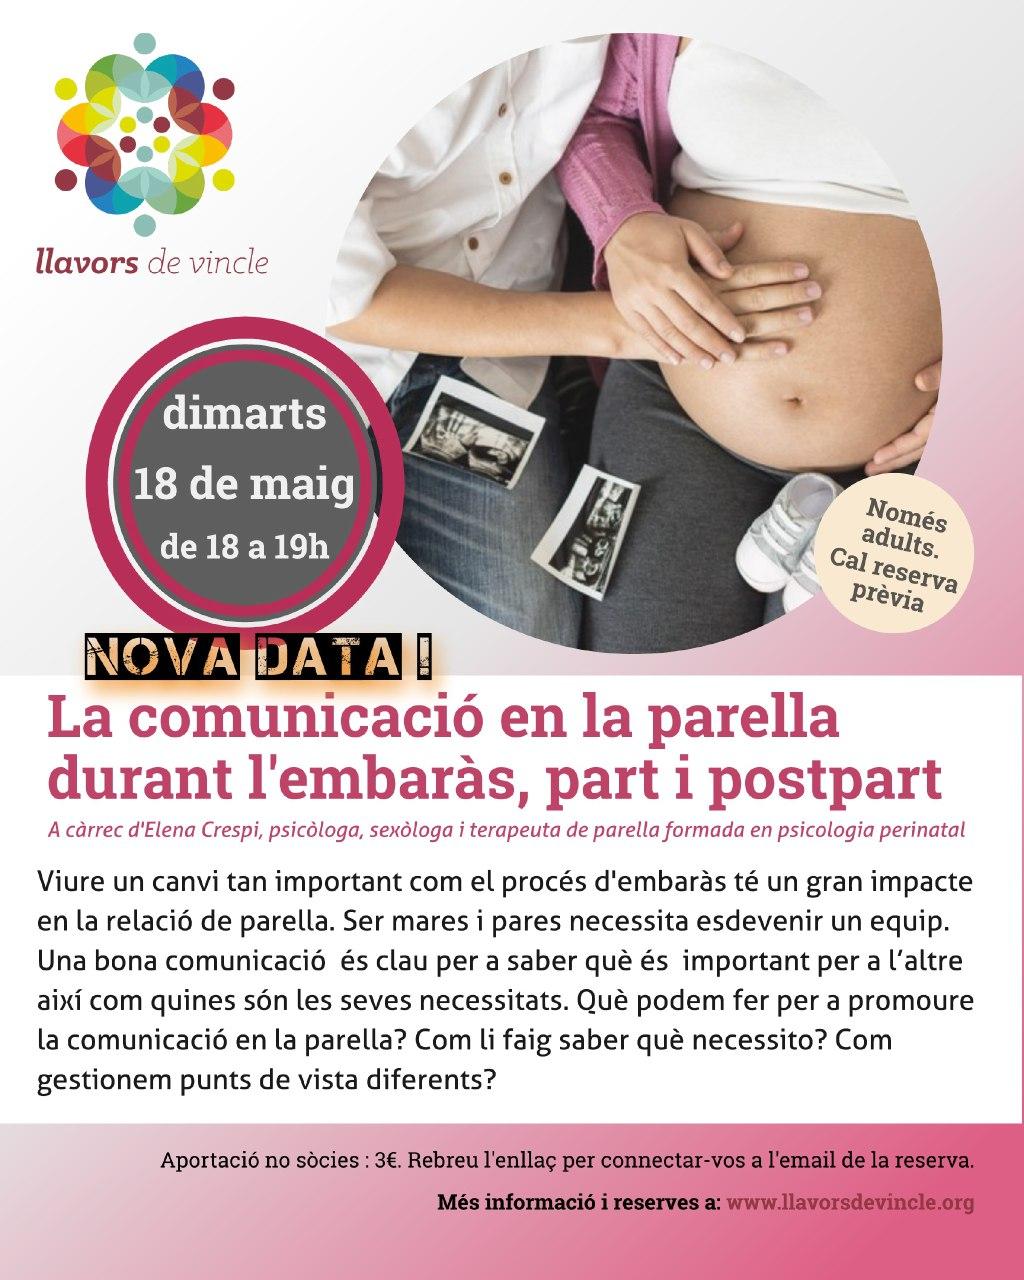 La comunicació en la parella durant l'embaràs, part i postpart